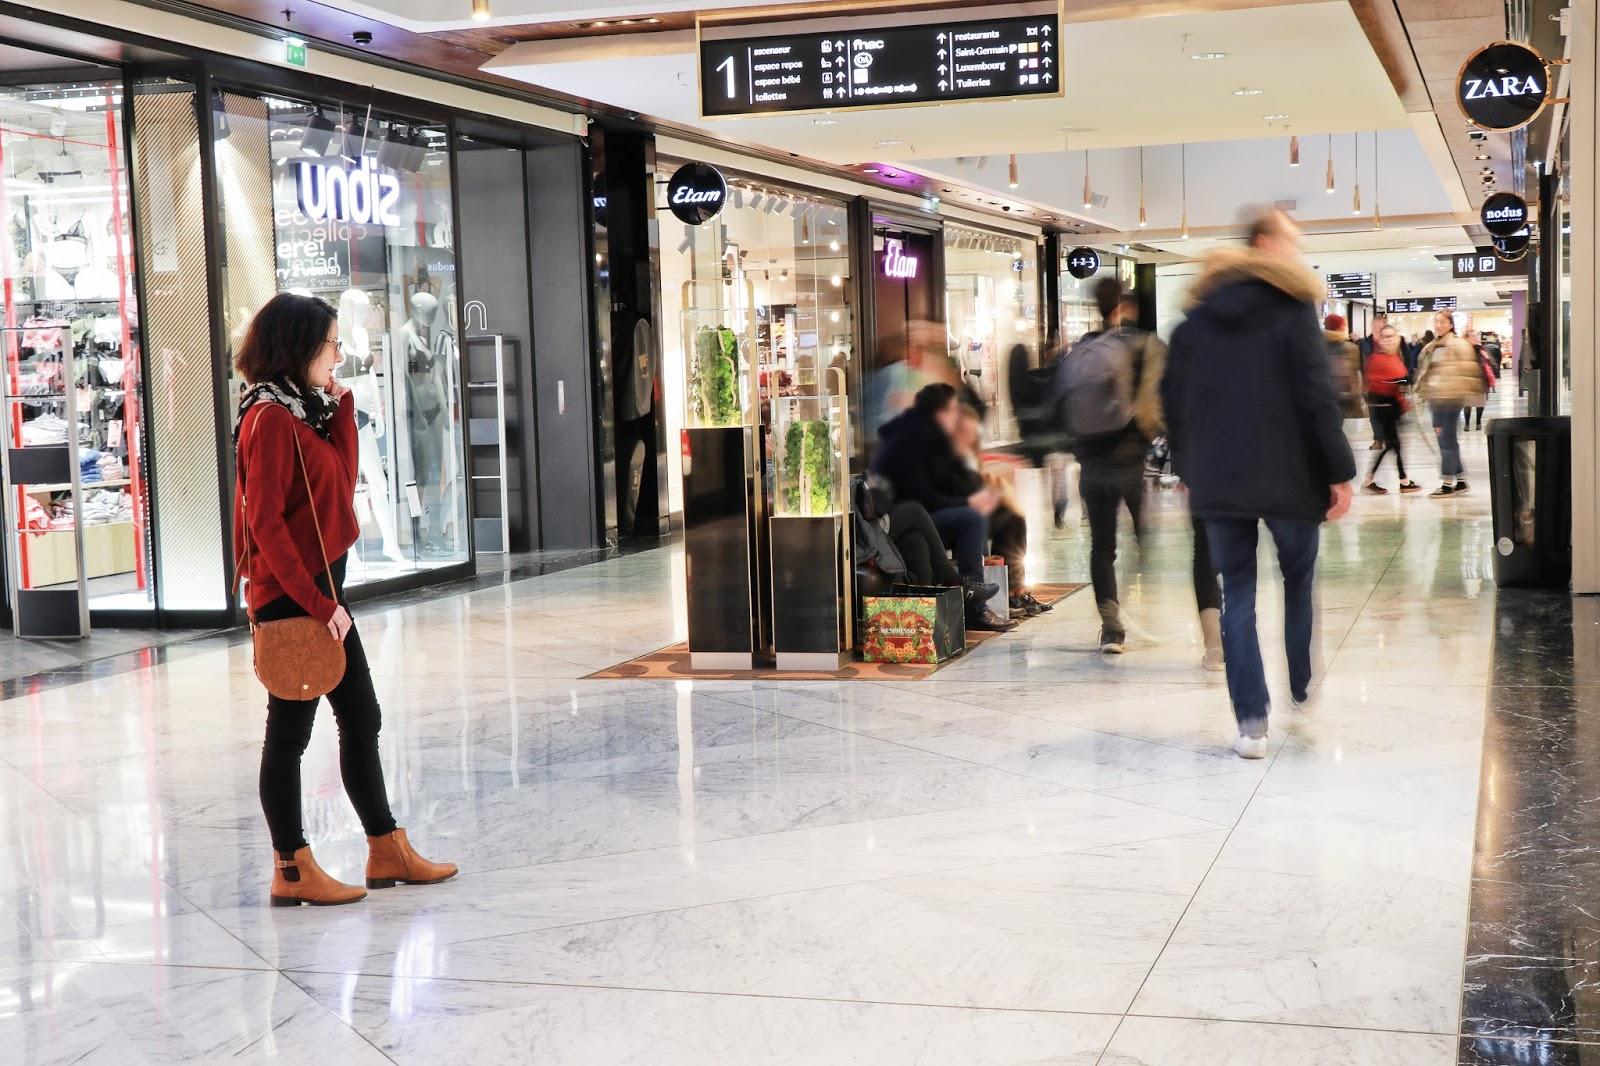 les gommettes de melo ambassadeur centre commercial parly 2 le chesnay versailles paris unibail magasin boutique marlette hema